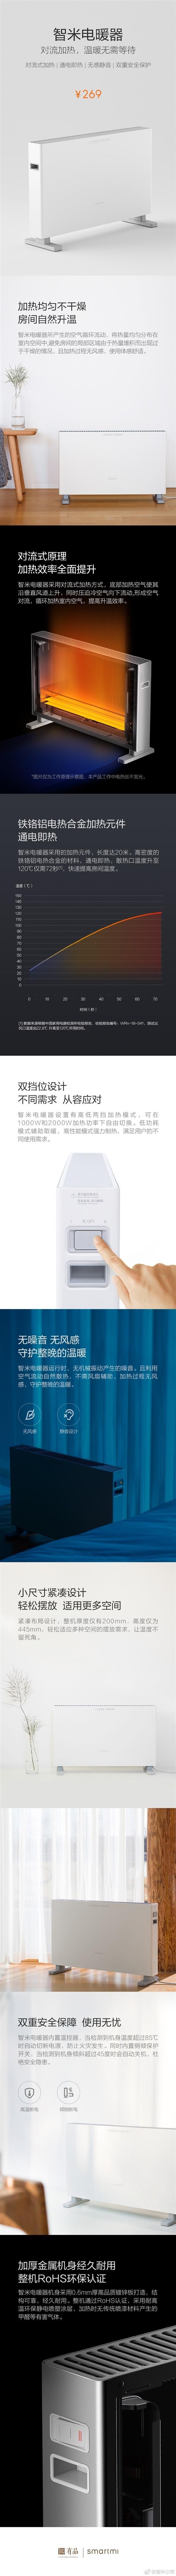 小米生态链企业智米科技开卖电暖器 售价269元的照片 - 3